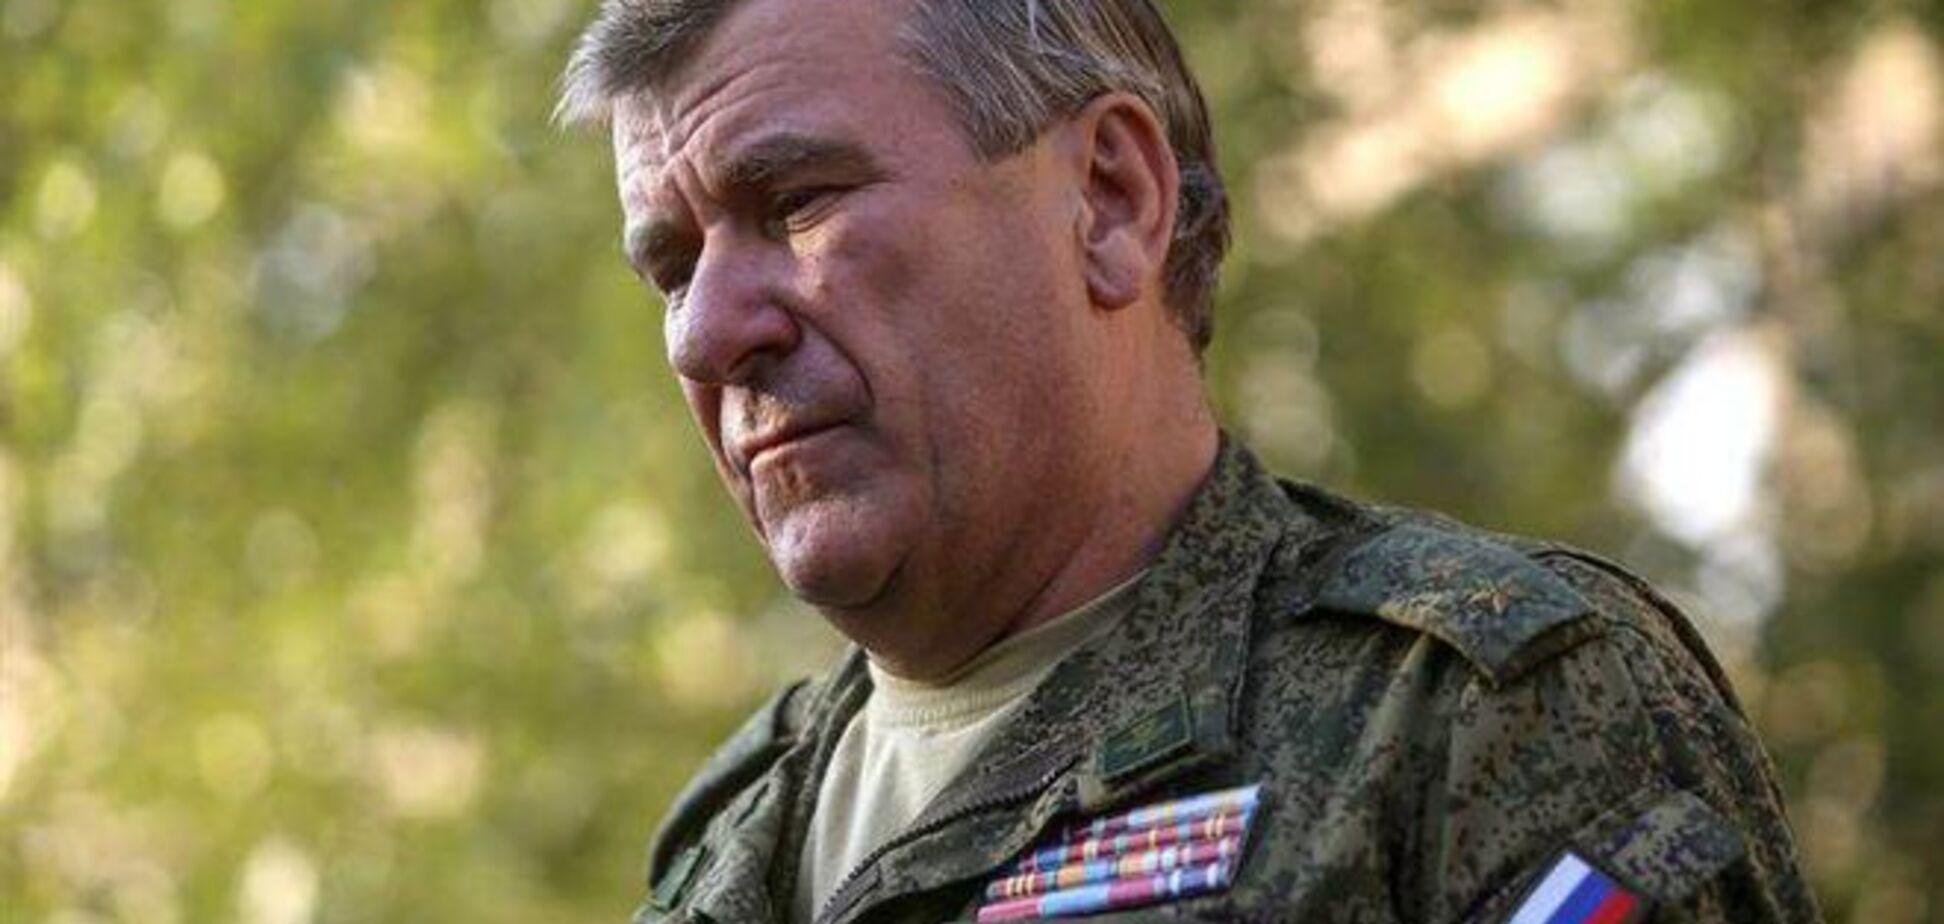 Штаб АТО підозрює російського генерала в провокаціях проти ЗСУ